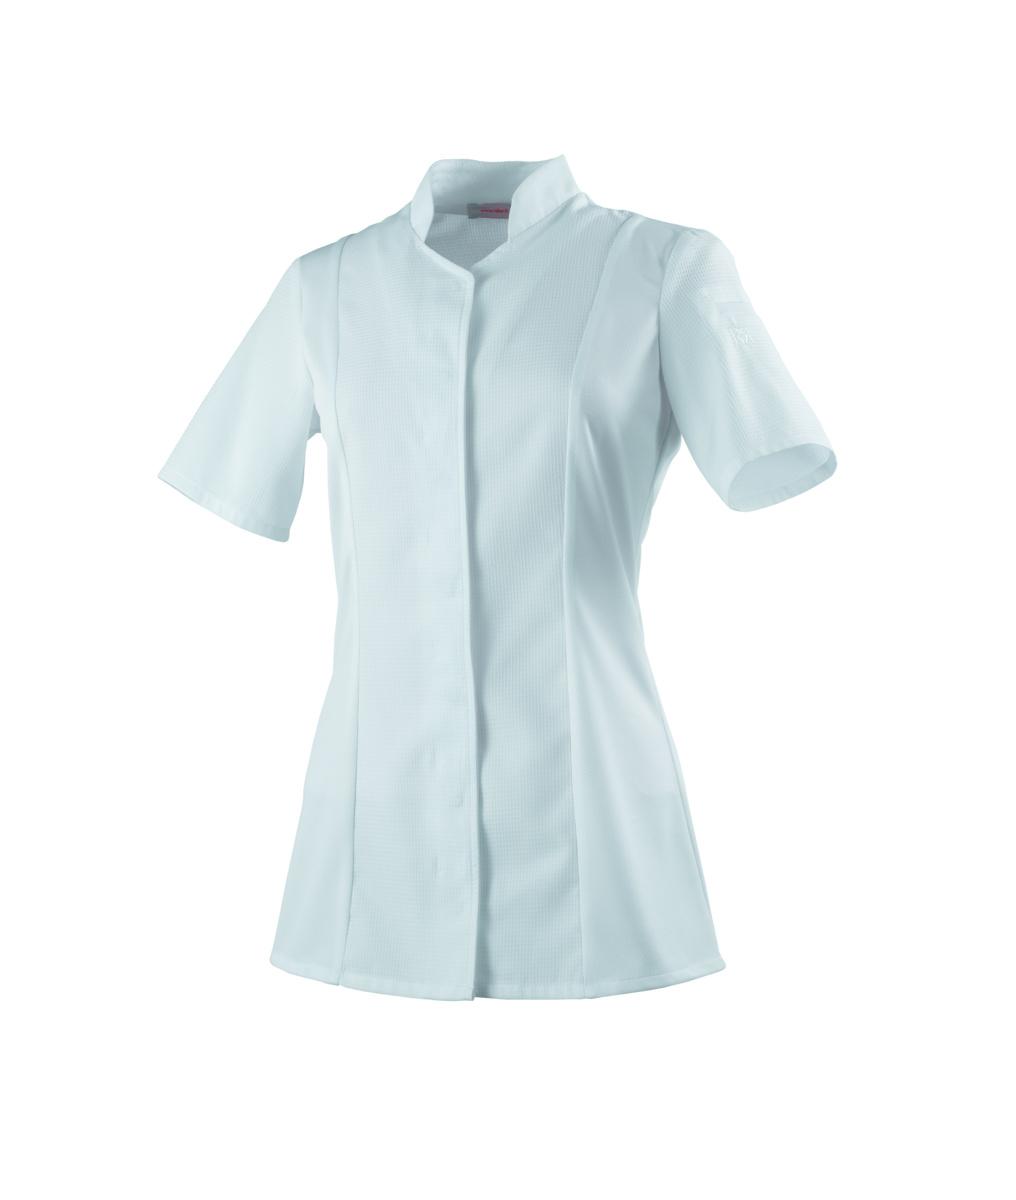 Veste femme manches courtes blanc taille 0 Abella Robur